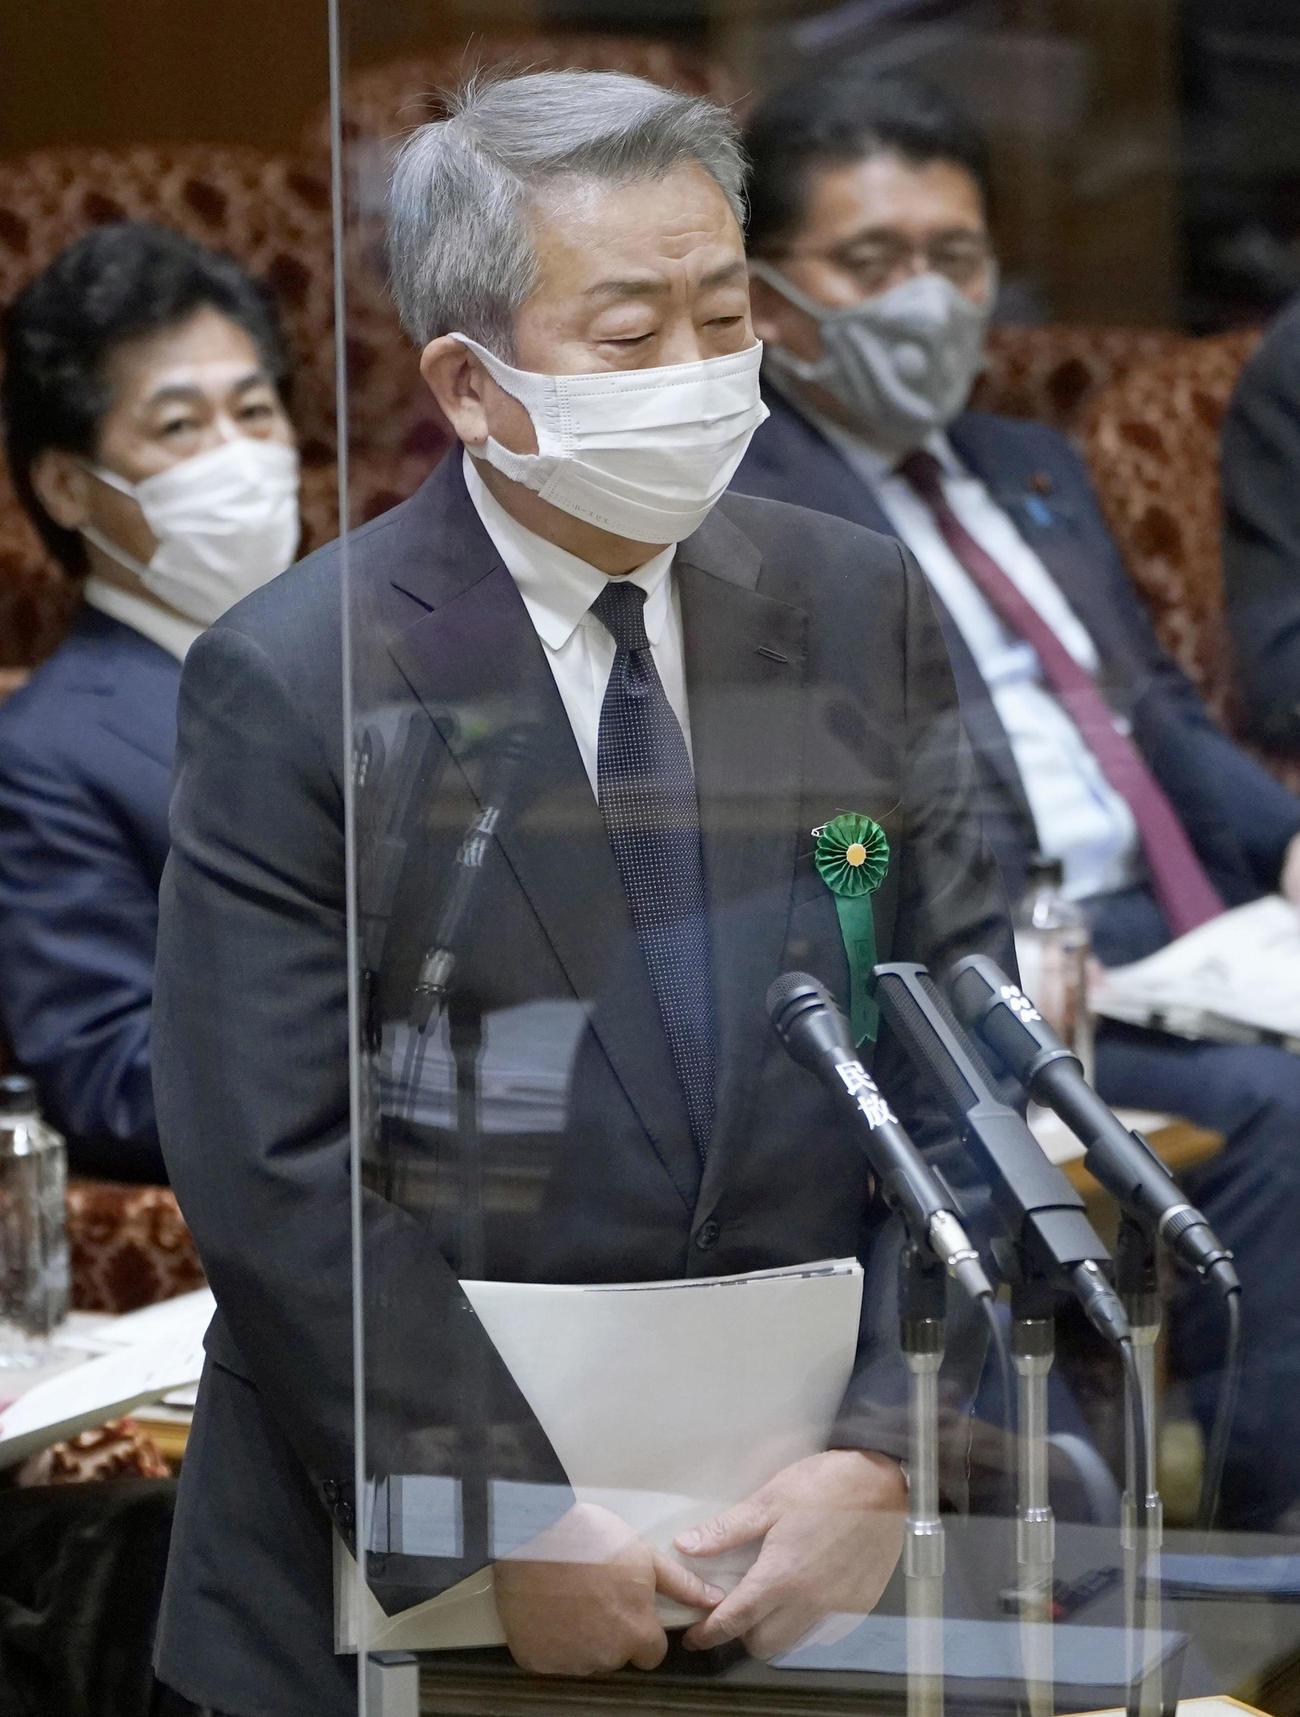 参院予算委に参考人として招致され、質問に答えるNTTの澤田純社長(共同)